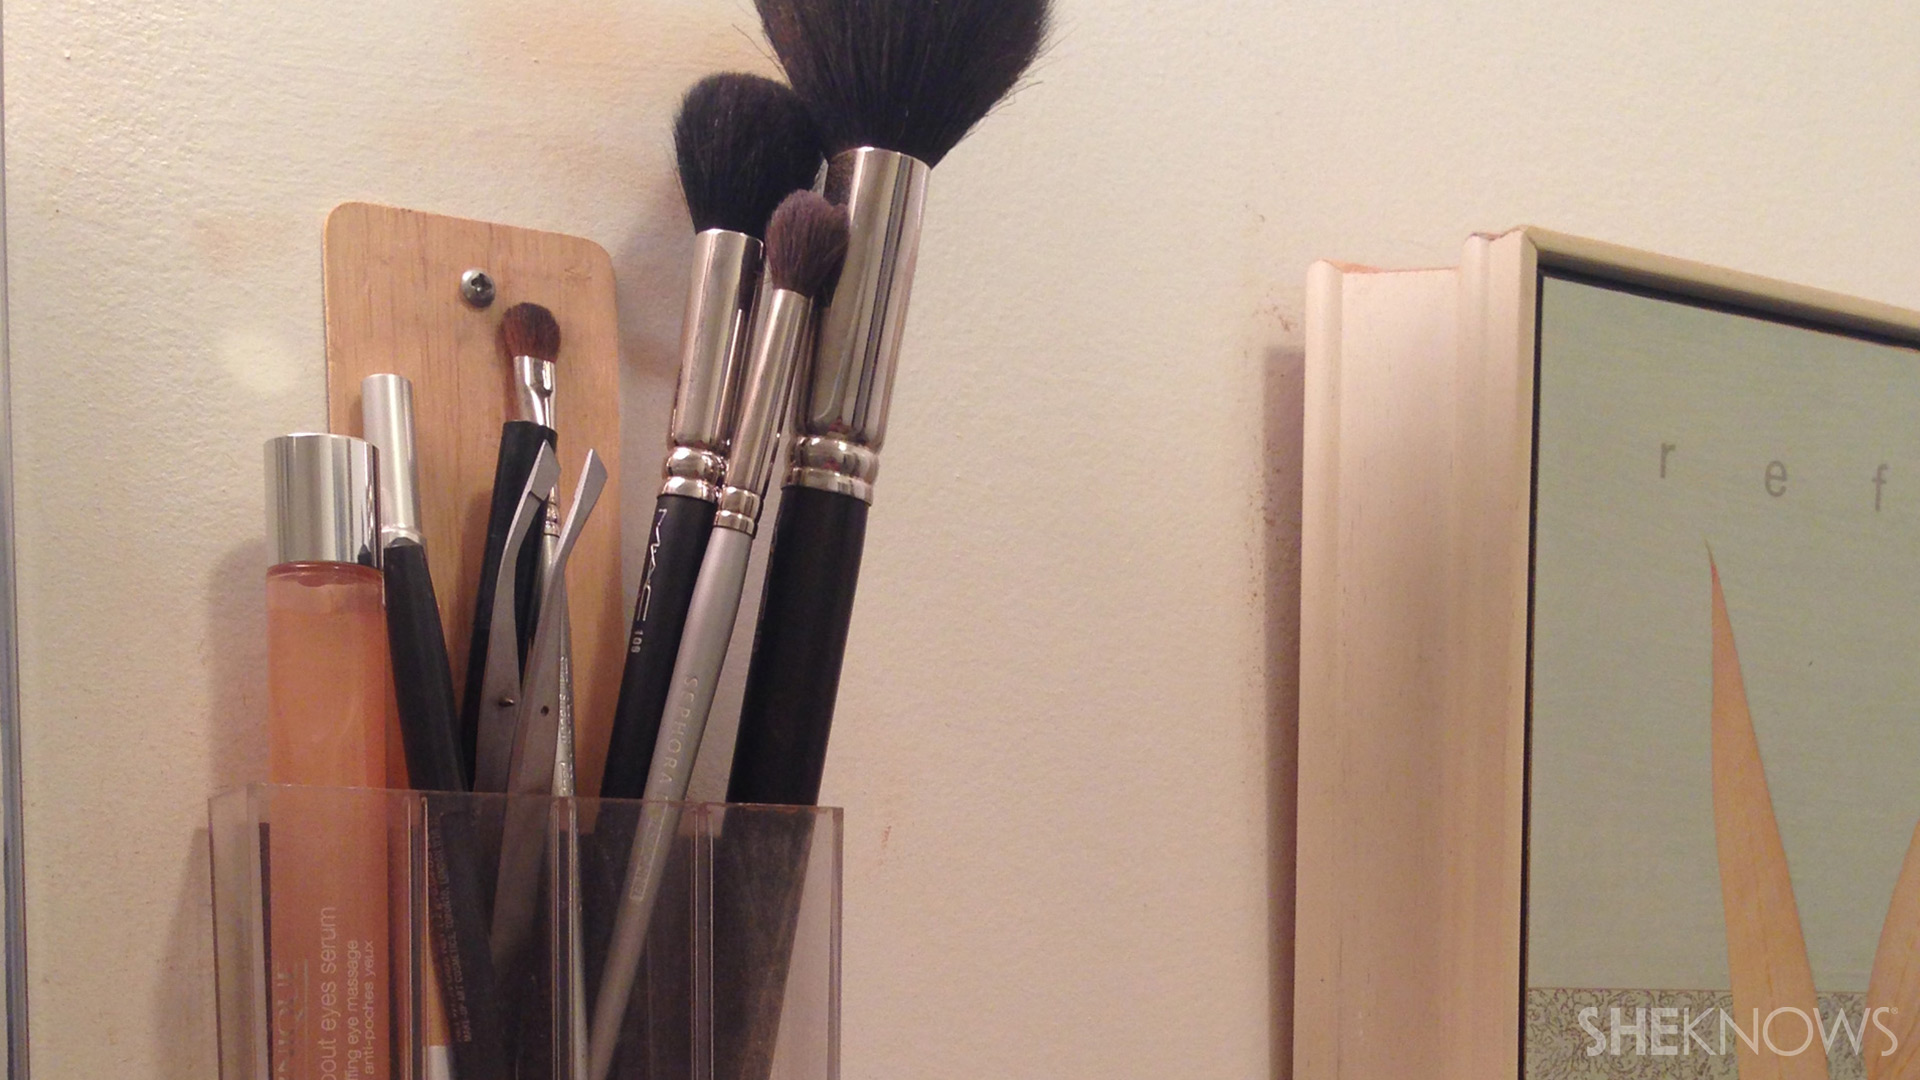 Makeup organizer | Sheknows.com